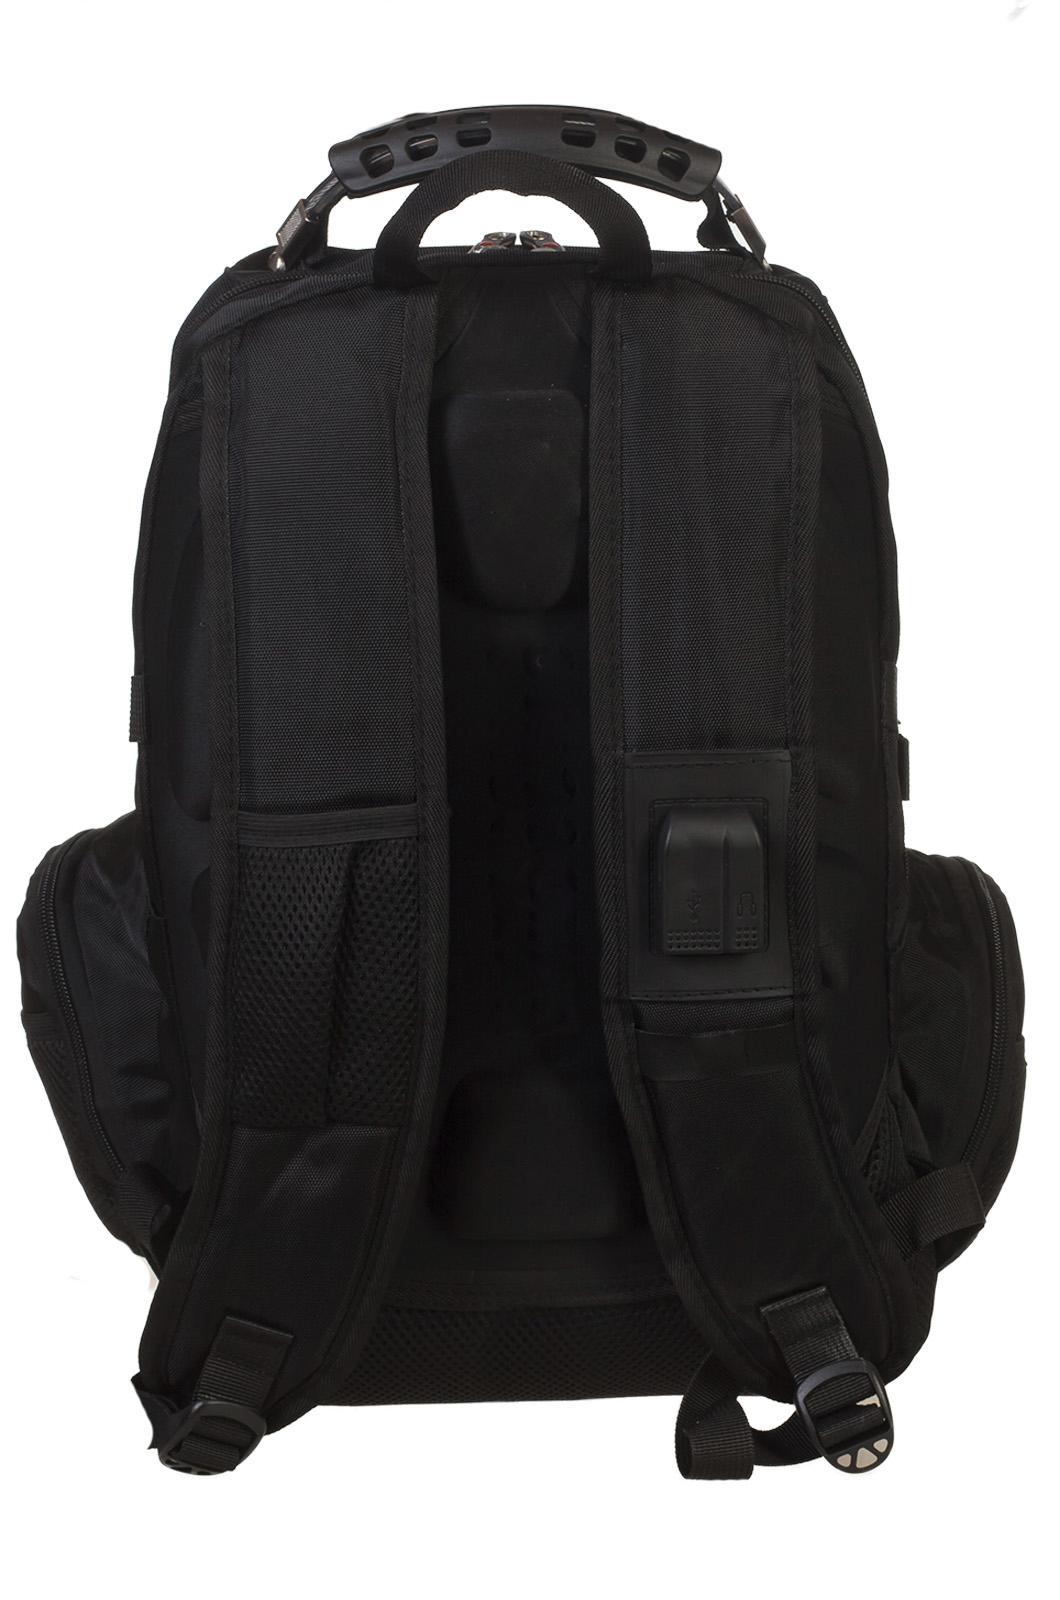 Черный практичный рюкзак с нашивкой Снайпер - заказать в подарок